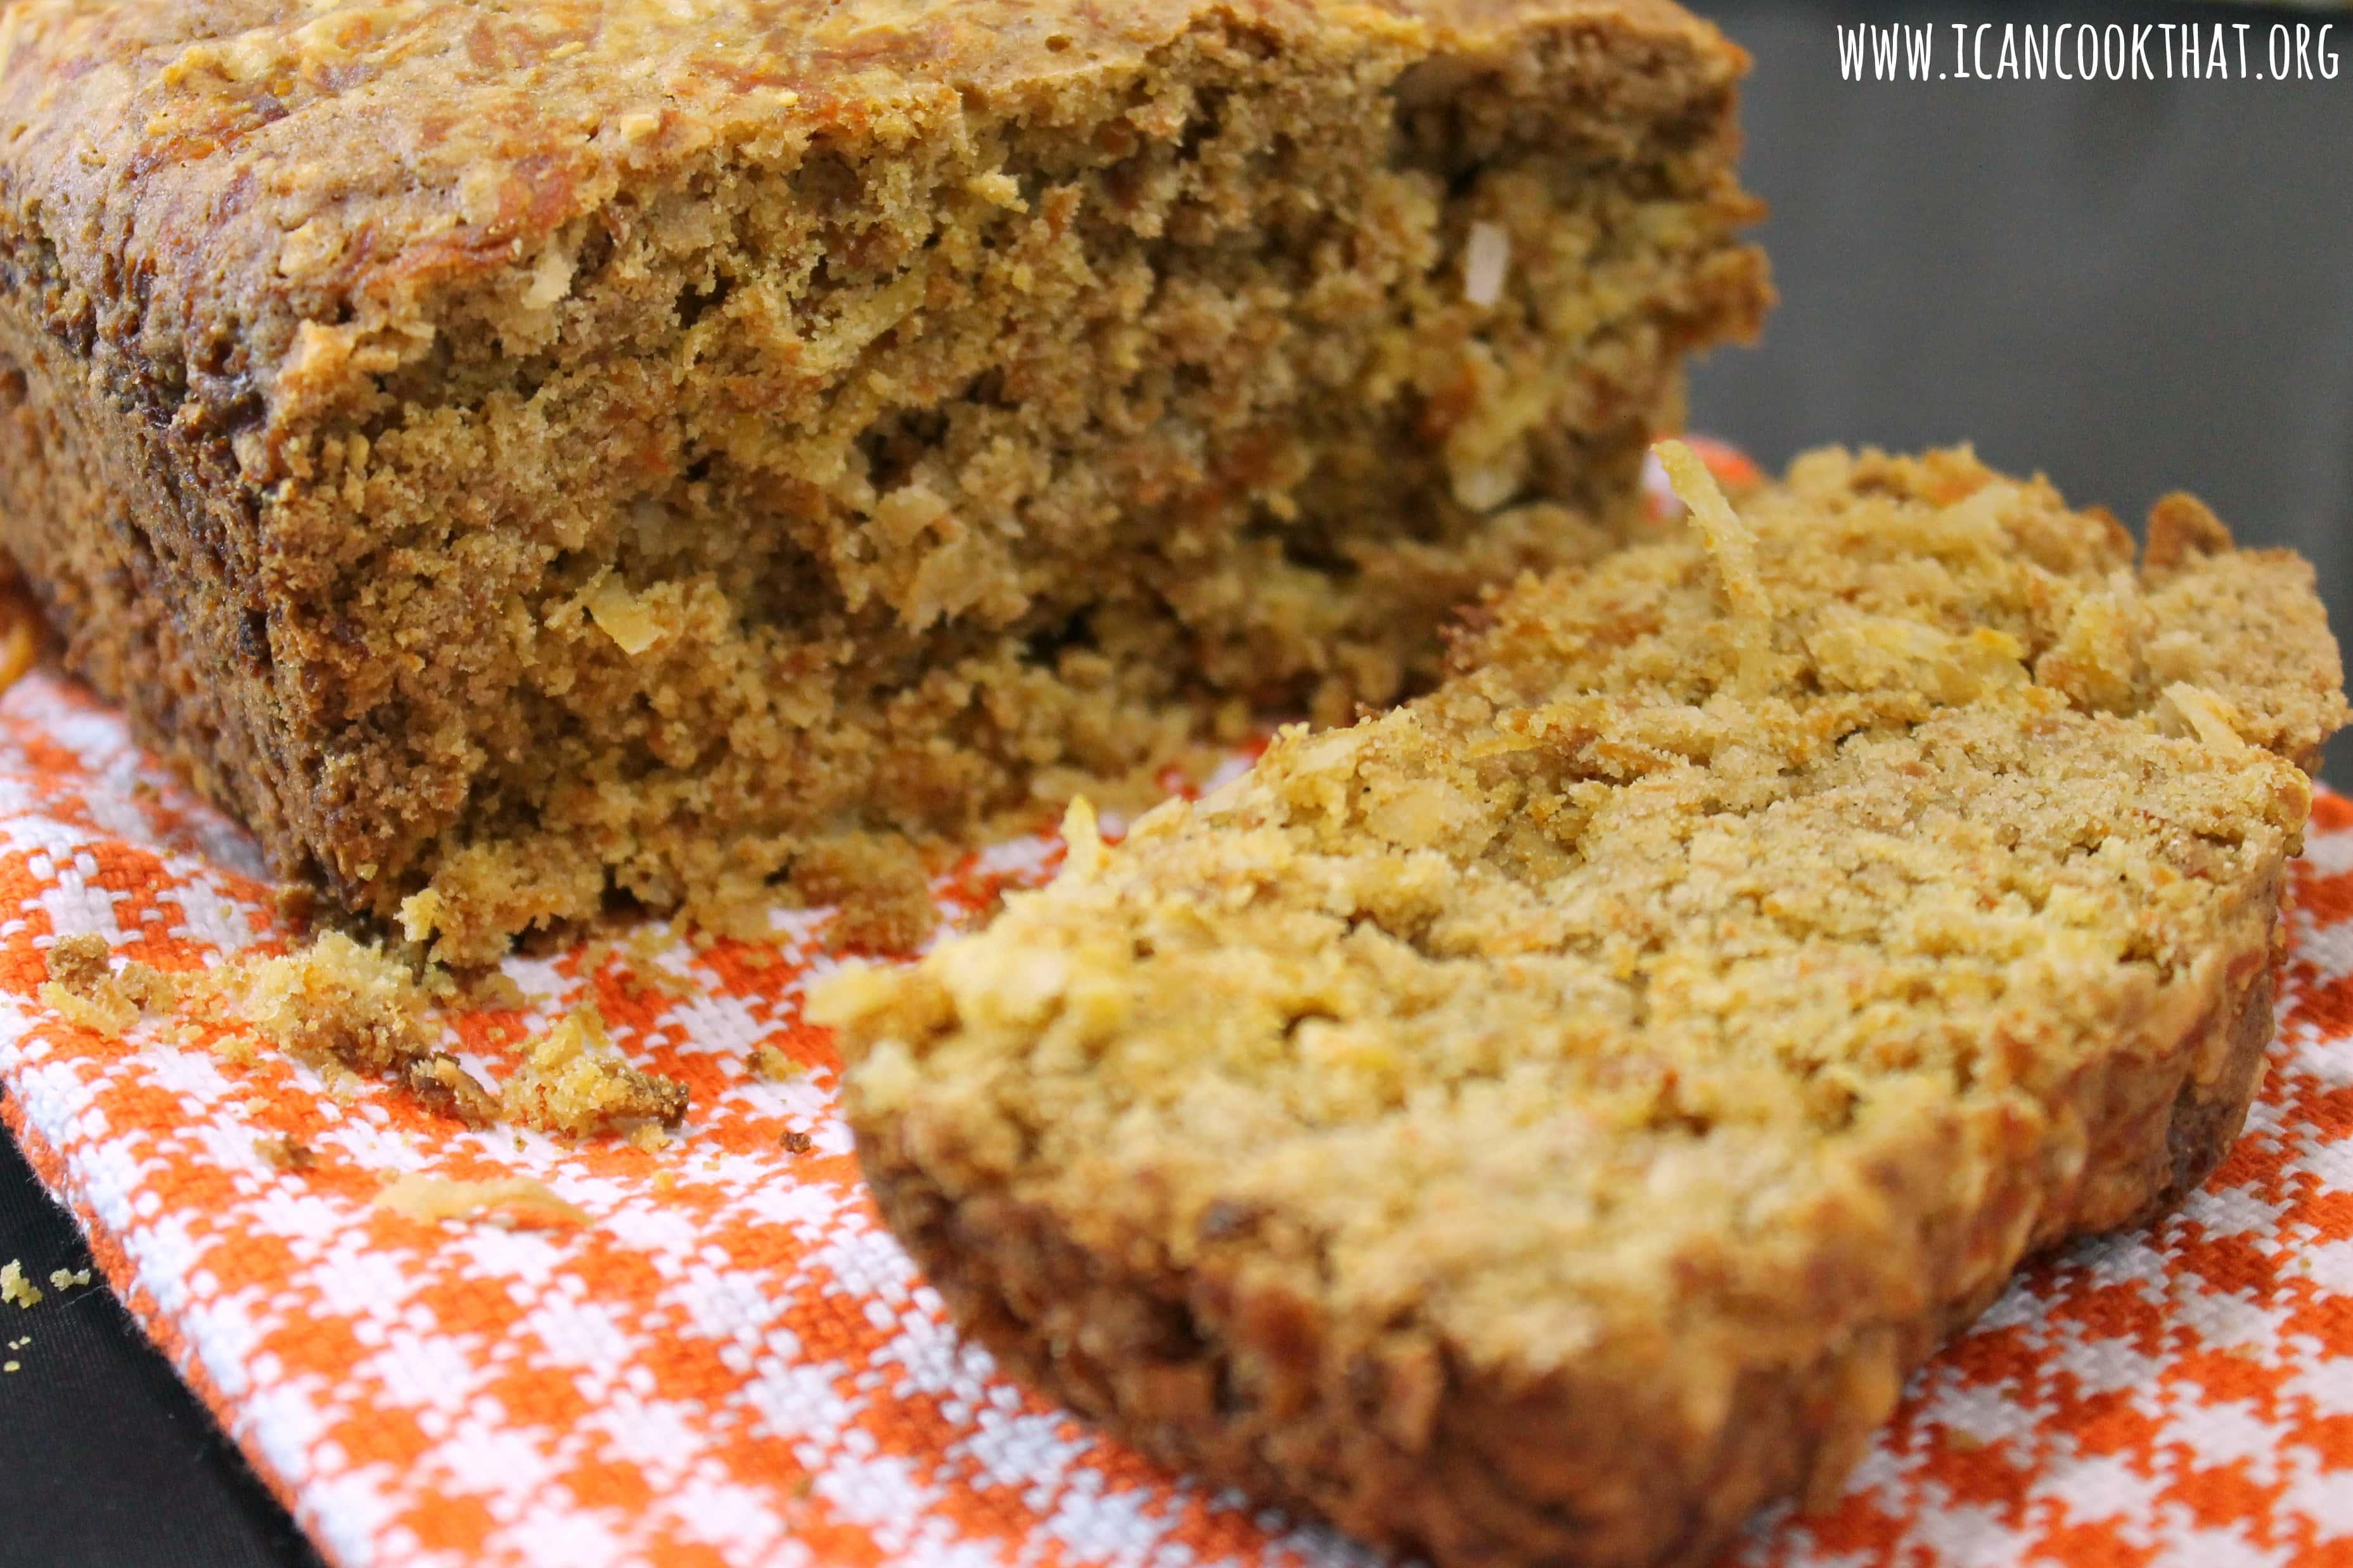 teas teas breads gluten free bread gluten free cardamom fruit into a ...